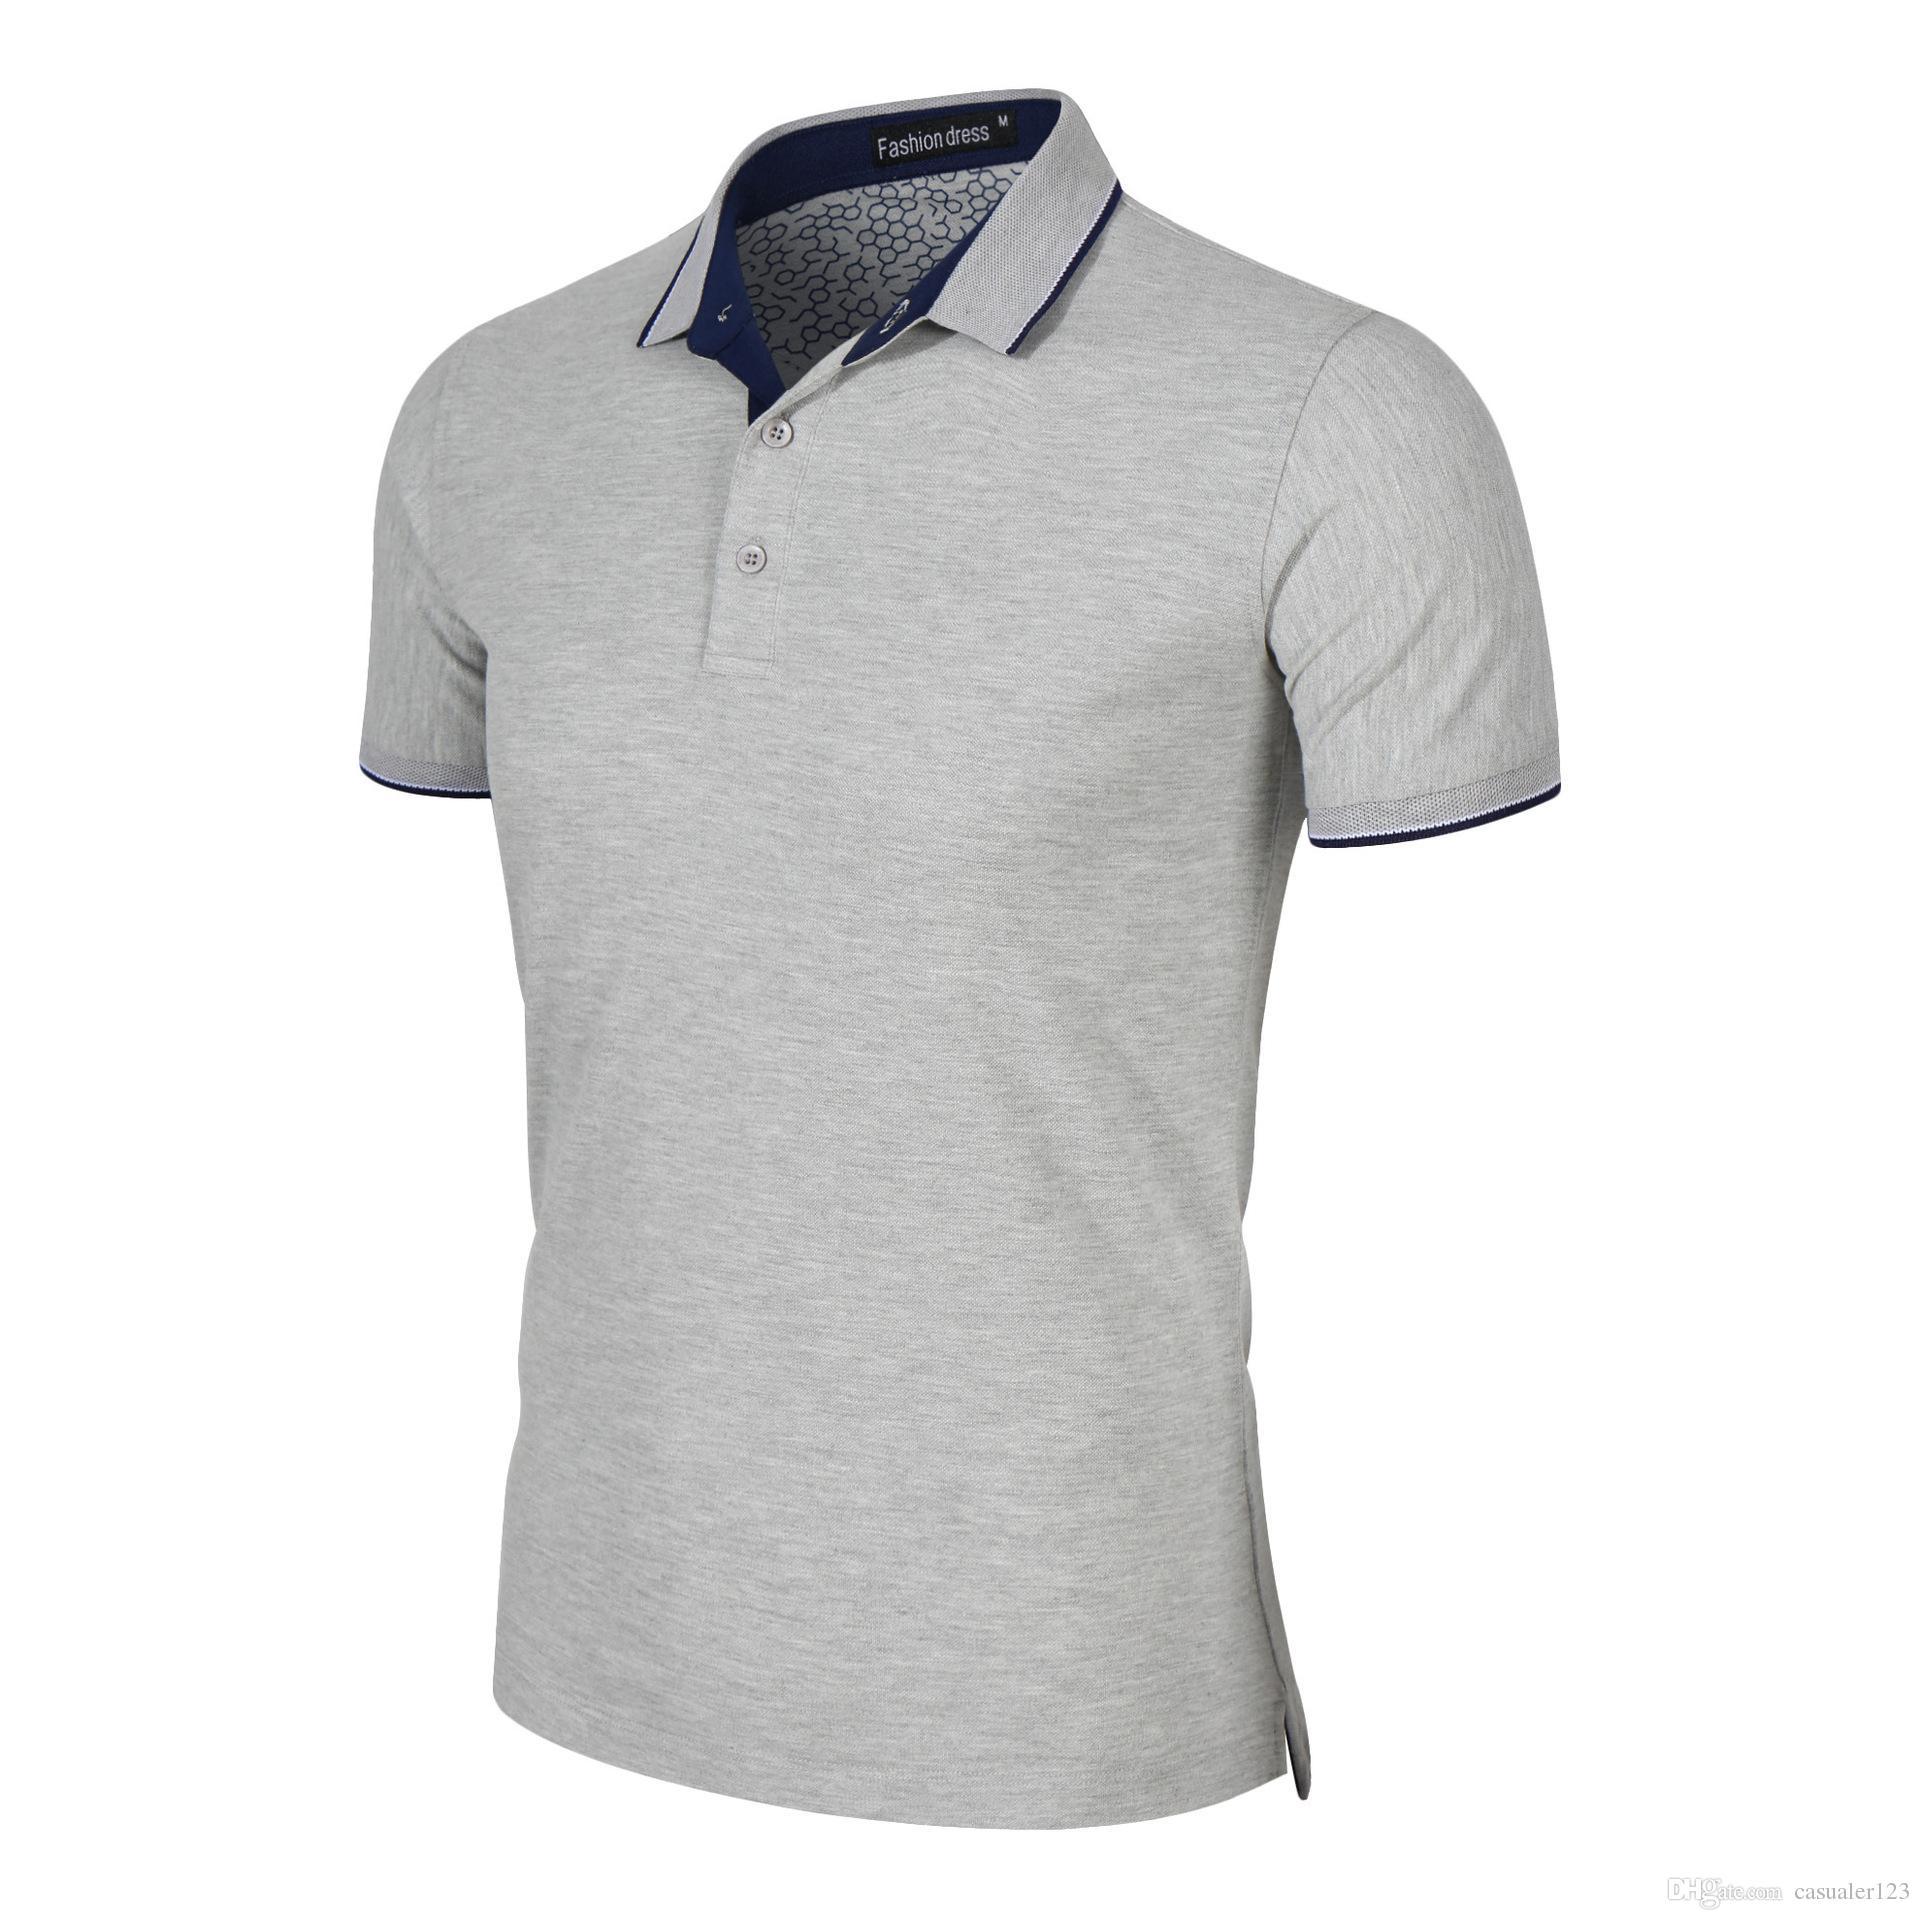 e1145d41a Compre Camisa De Polo Personalizada Para Hombre Camisa De Golf Bordada  Personalizada Uniforme De Trabajo Bordado De Alta Calidad 100% Algodón  Peinado Polo A ...